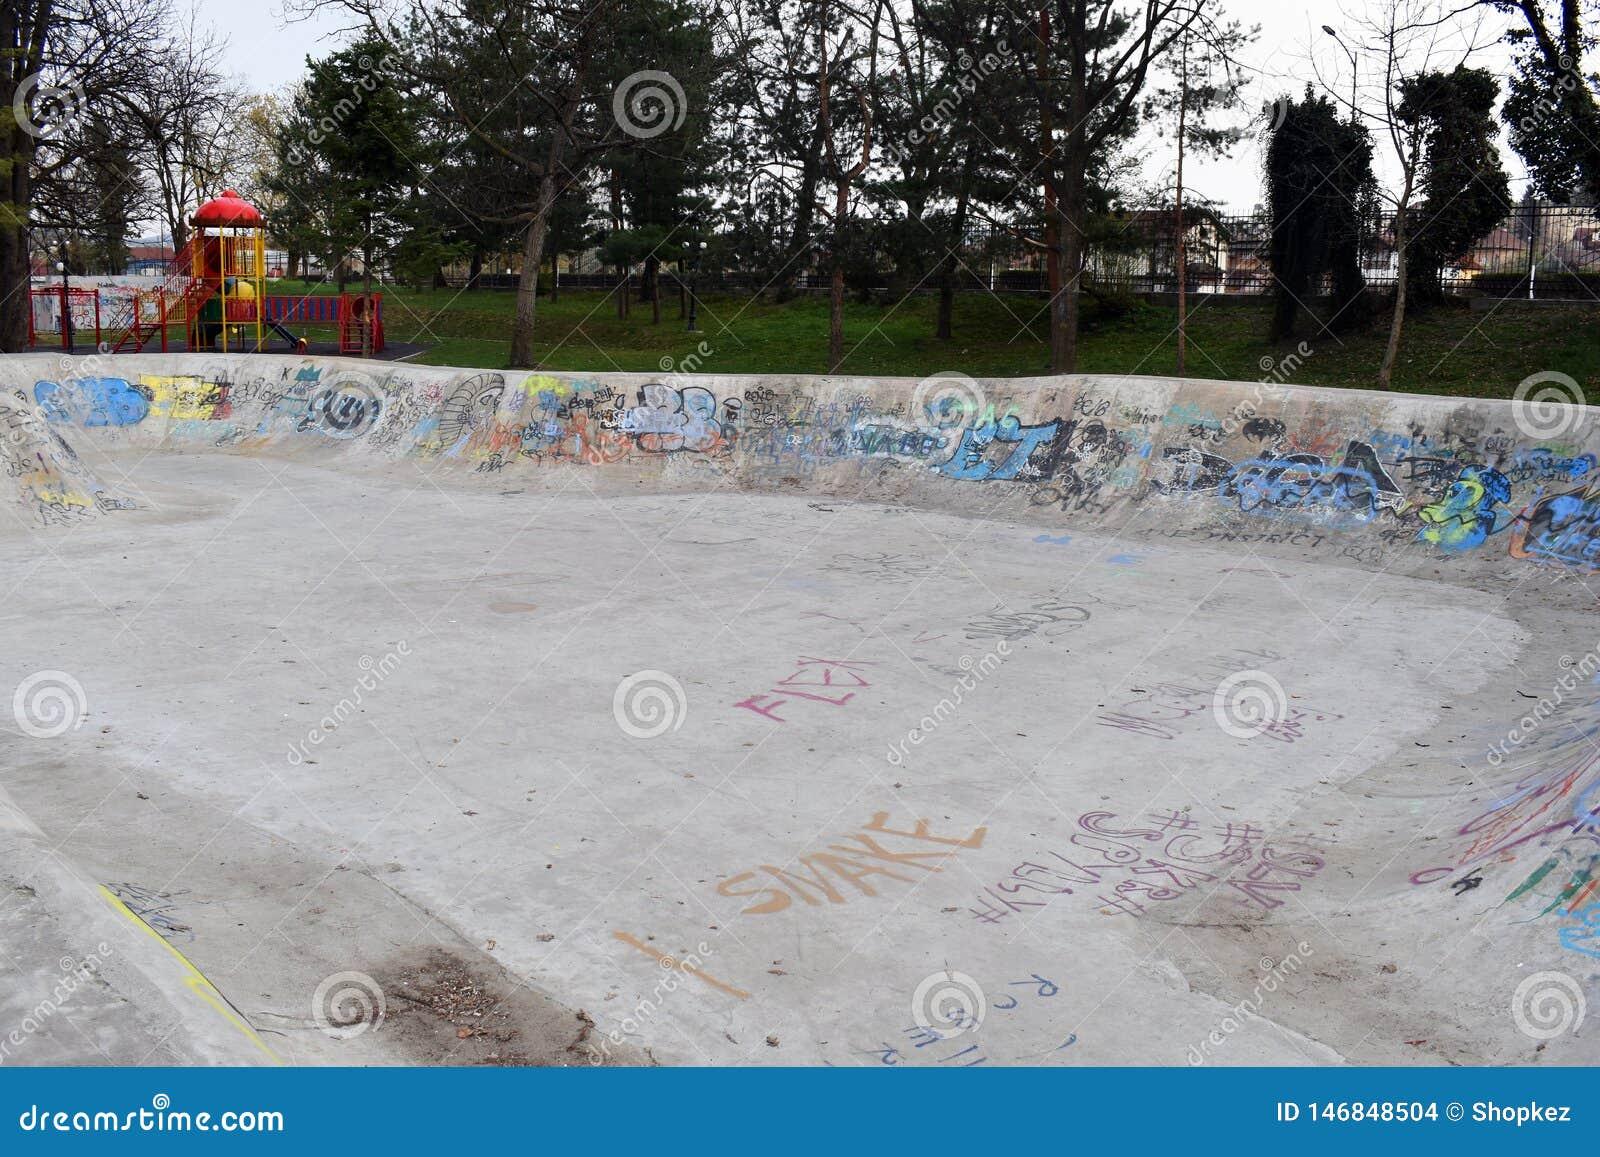 Hormigón vacío que anda en monopatín patinador del monopatín del diseño del skatepark del parque del patín con la pintada